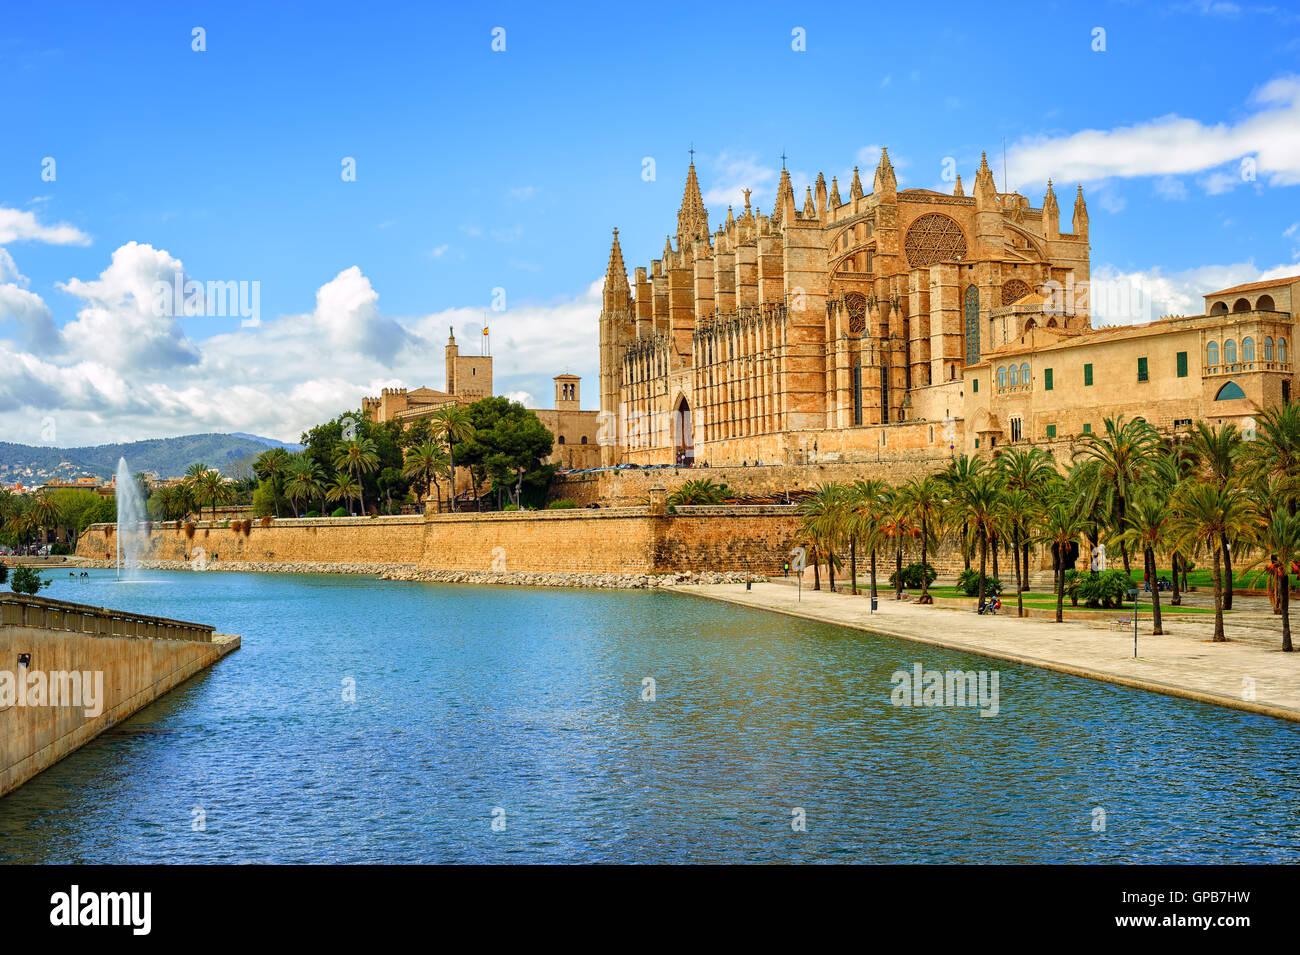 La Seu, la catedral gótica de Palma de Mallorca, España Imagen De Stock